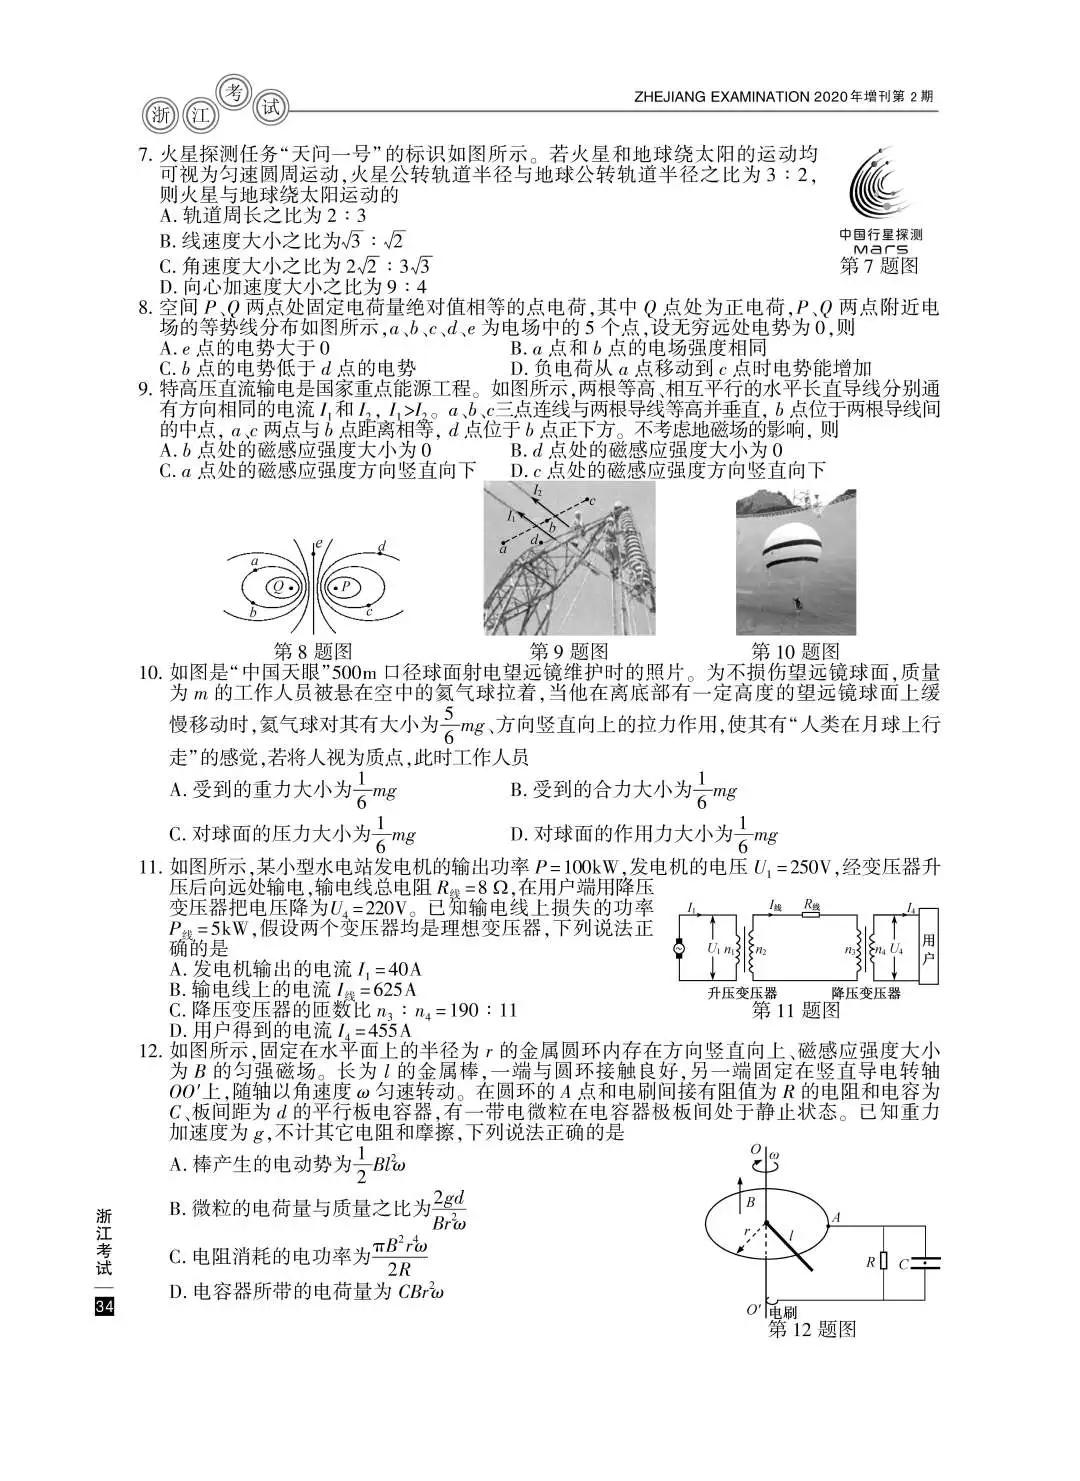 2020浙江高考物理真题试卷2